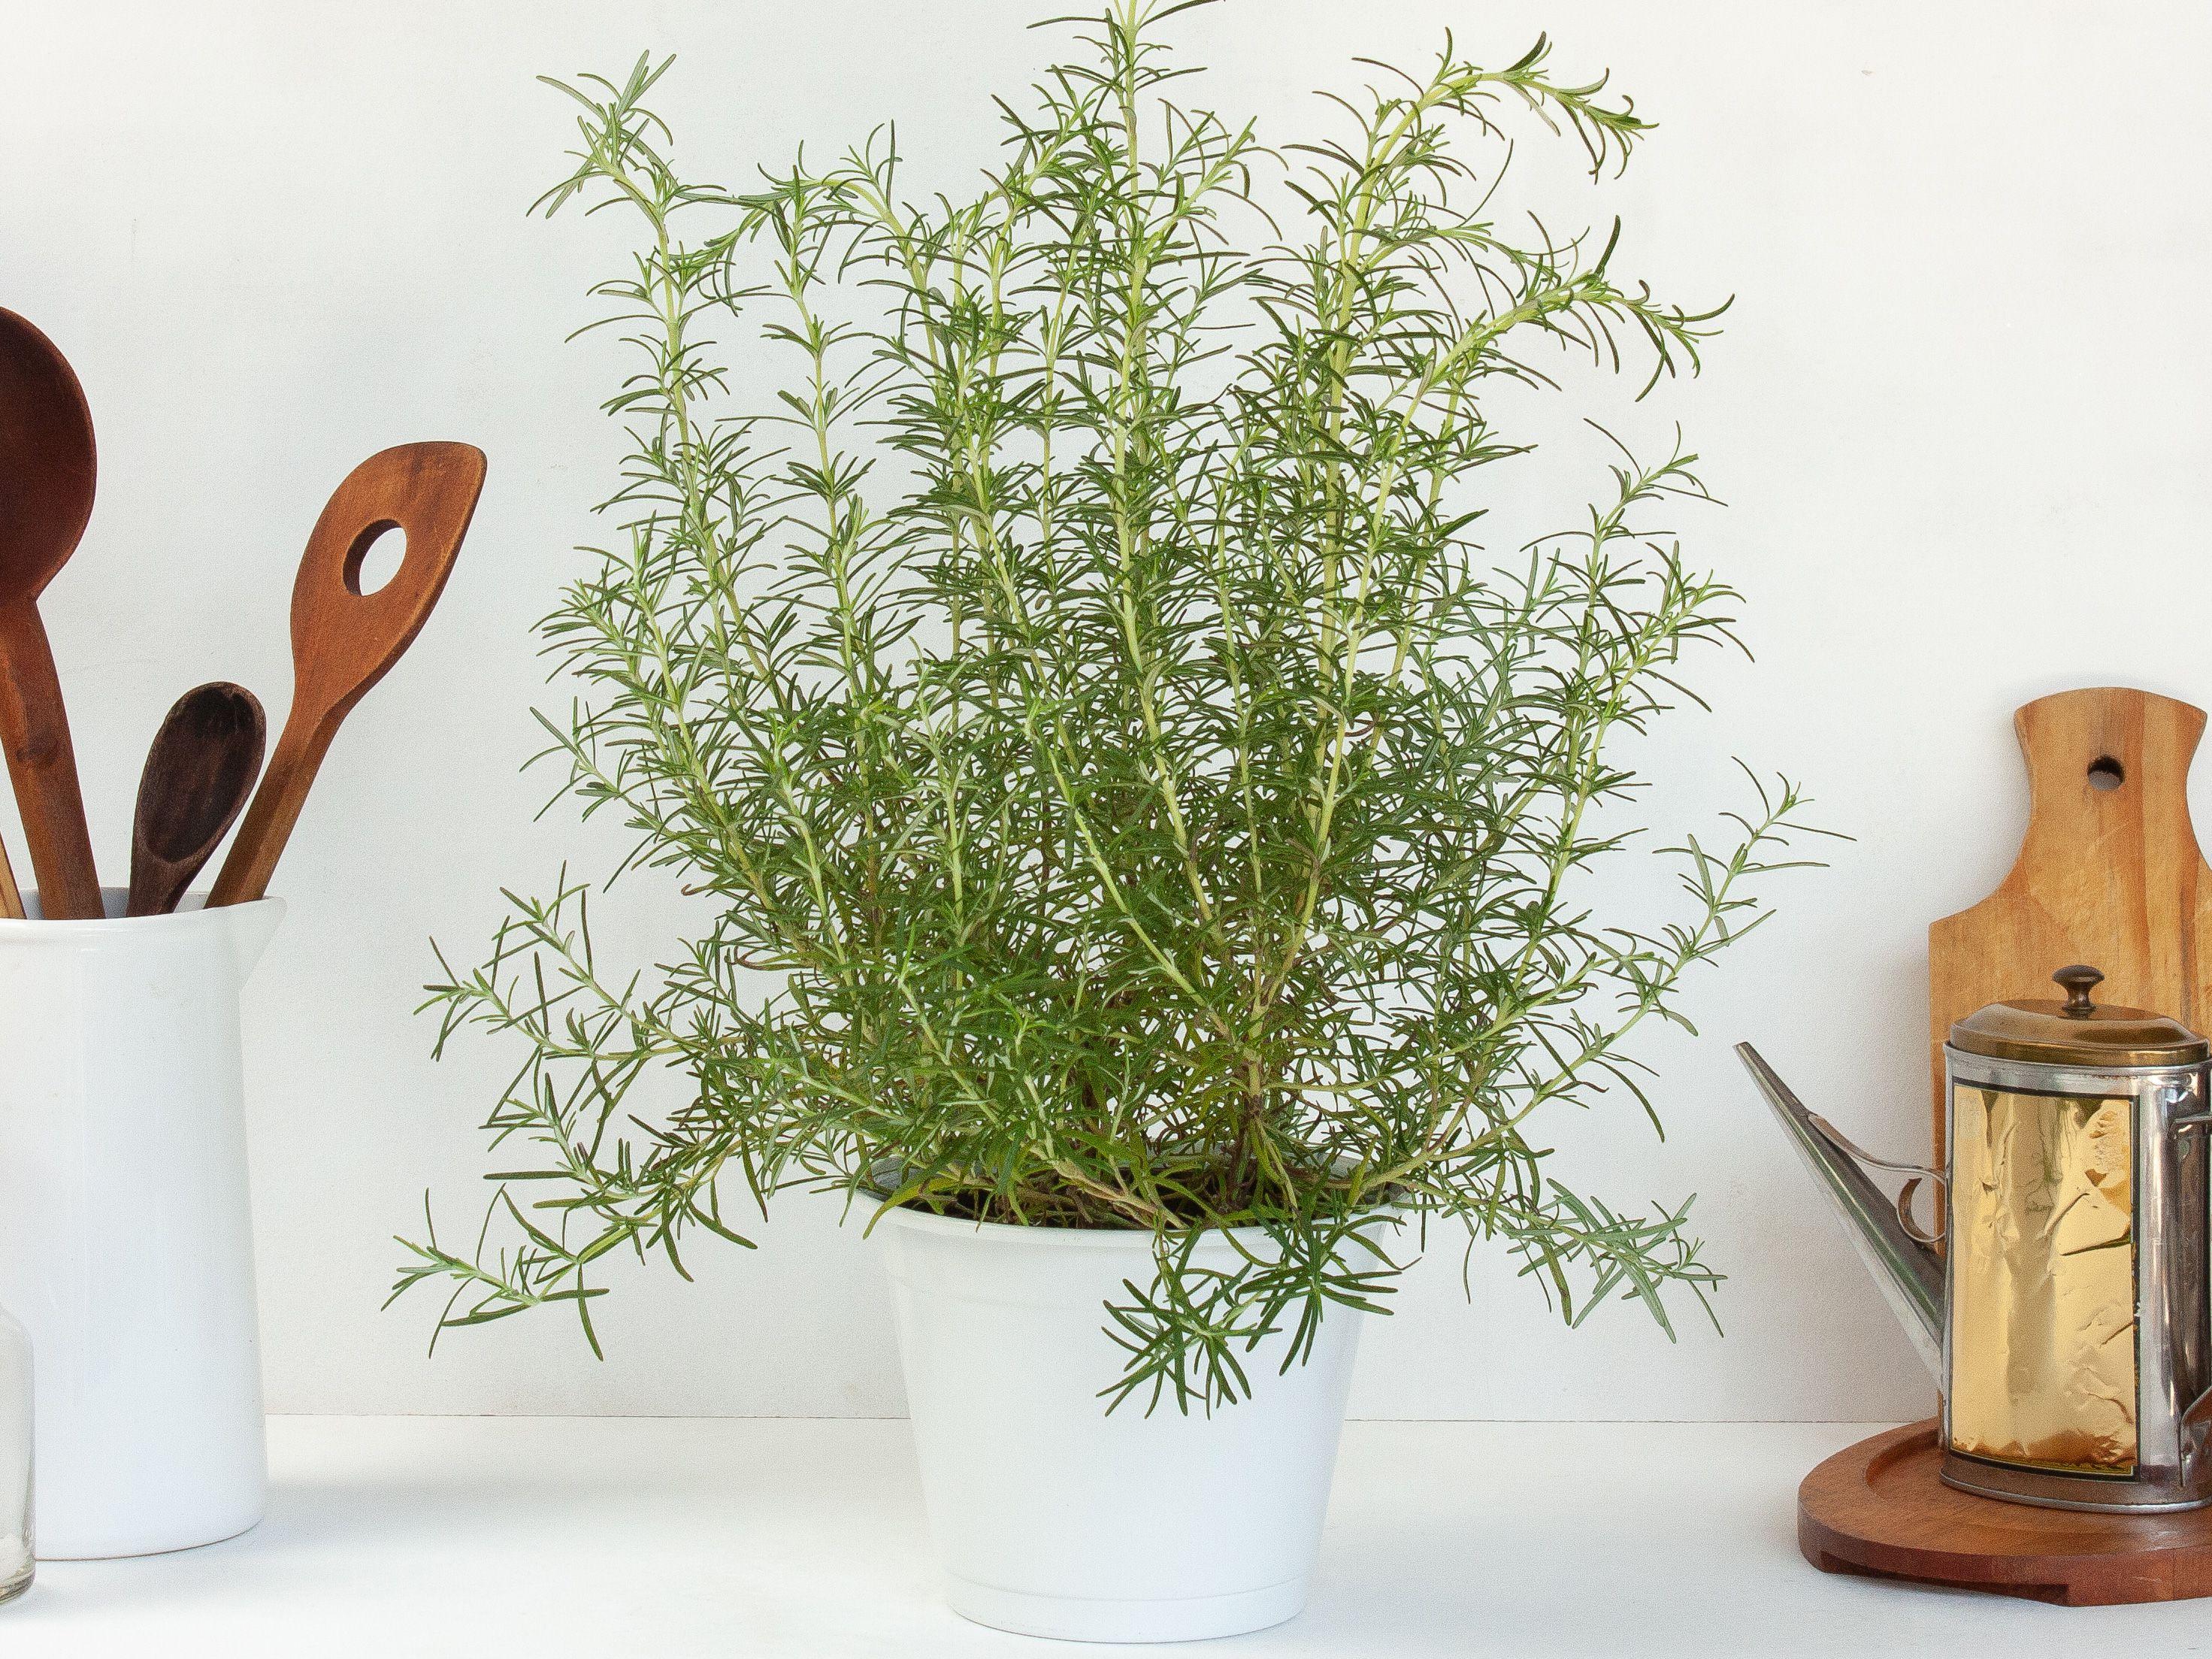 Không cần tinh dầu hay xịt phòng, ngôi nhà của chị em sẽ thơm mát hơn nhờ trong những loại cây này! - Ảnh 12.